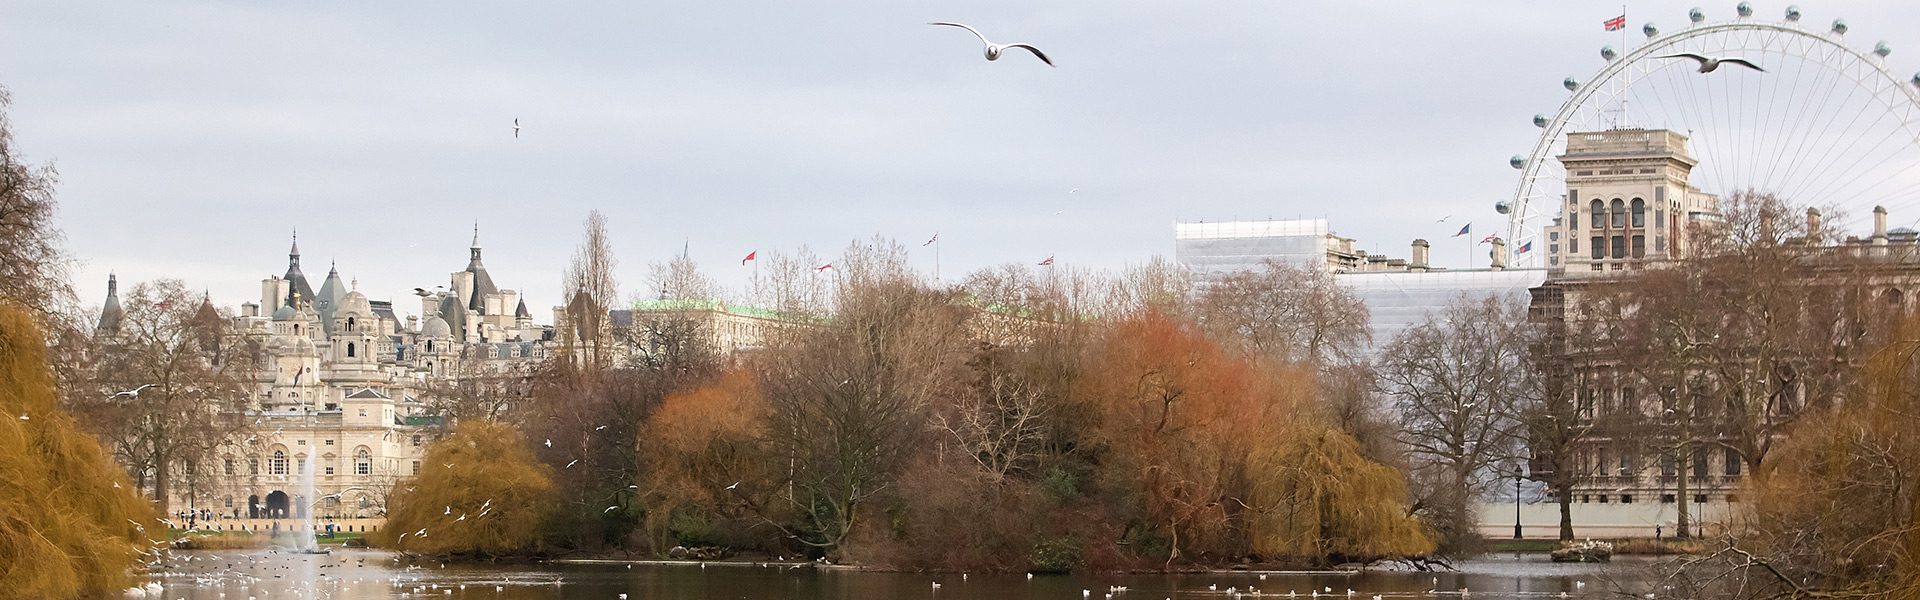 El río Támesis y el London Eye con un fondo de árboles otoñales